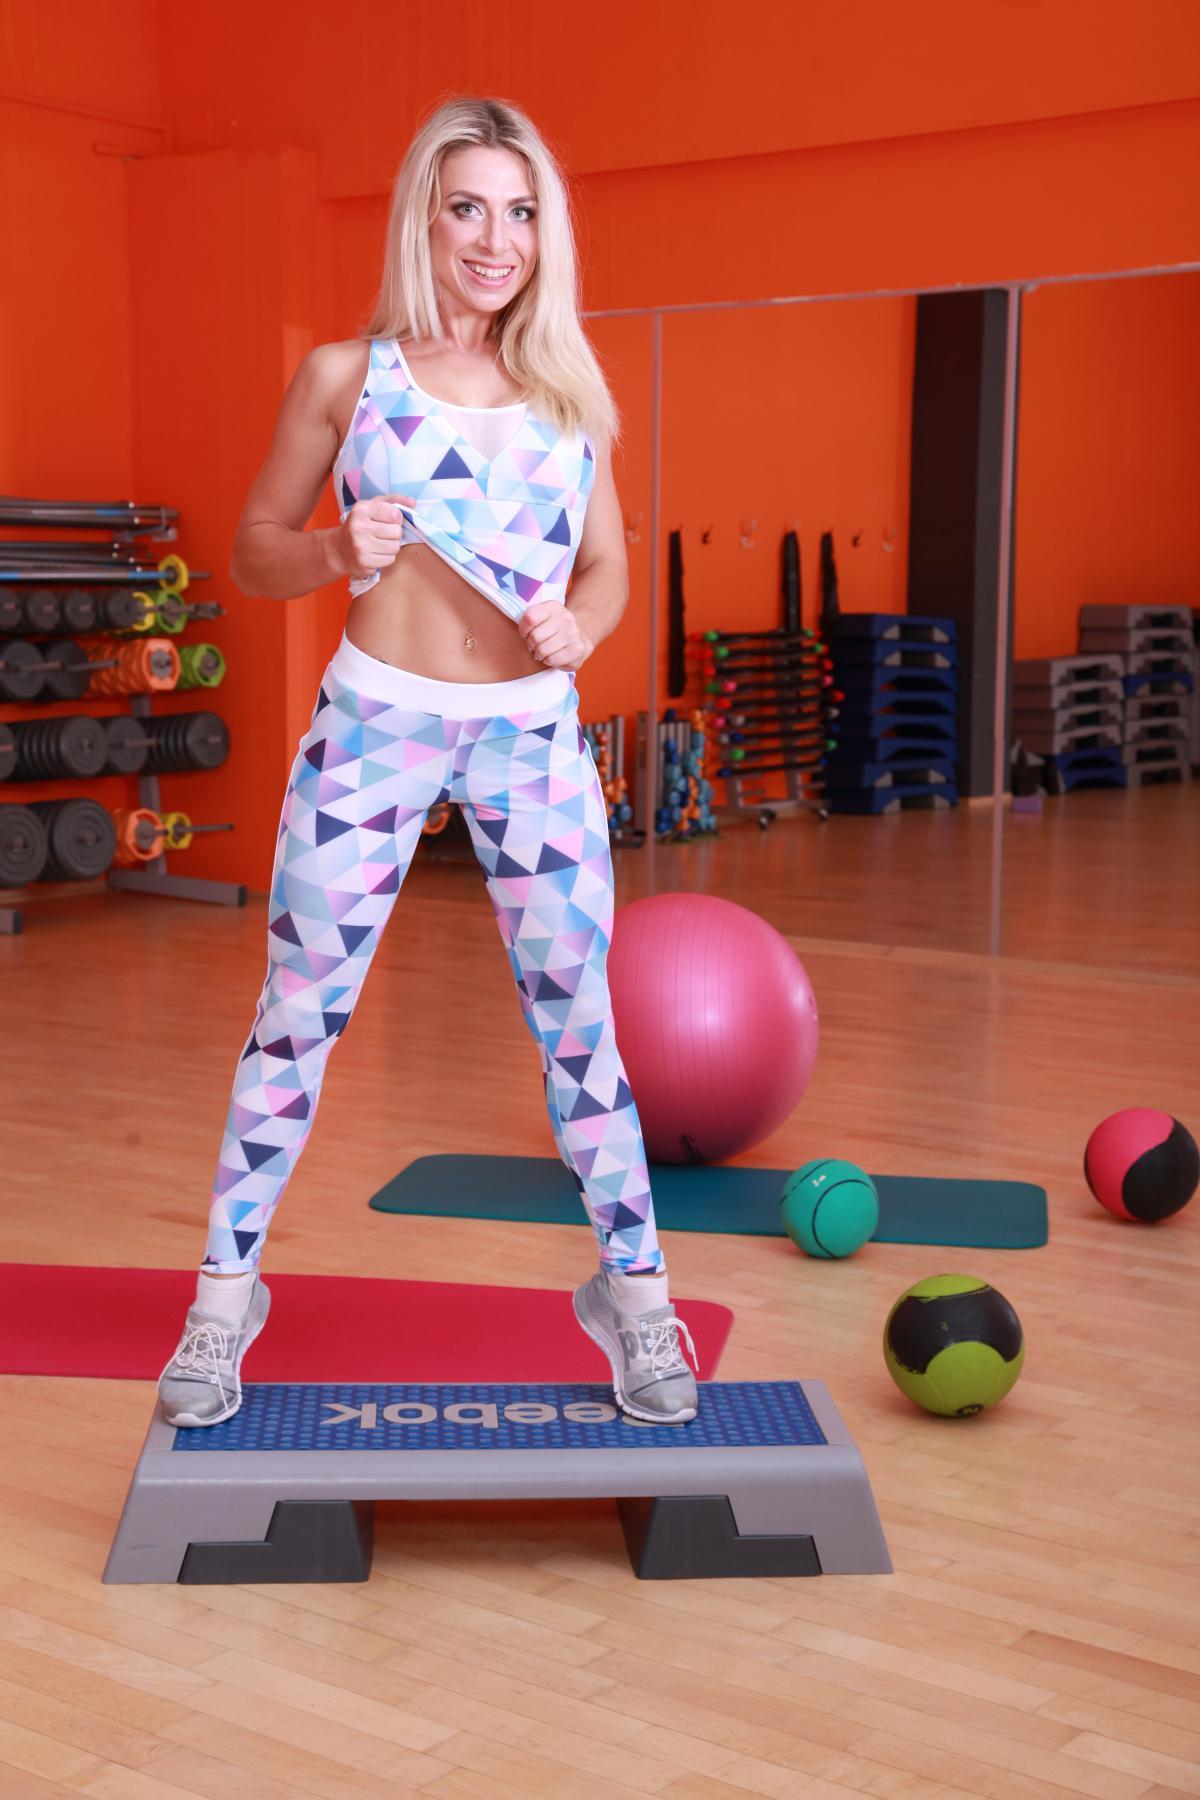 Спортивная майка женская для фитнеса | Интернет магазин ... - photo#34